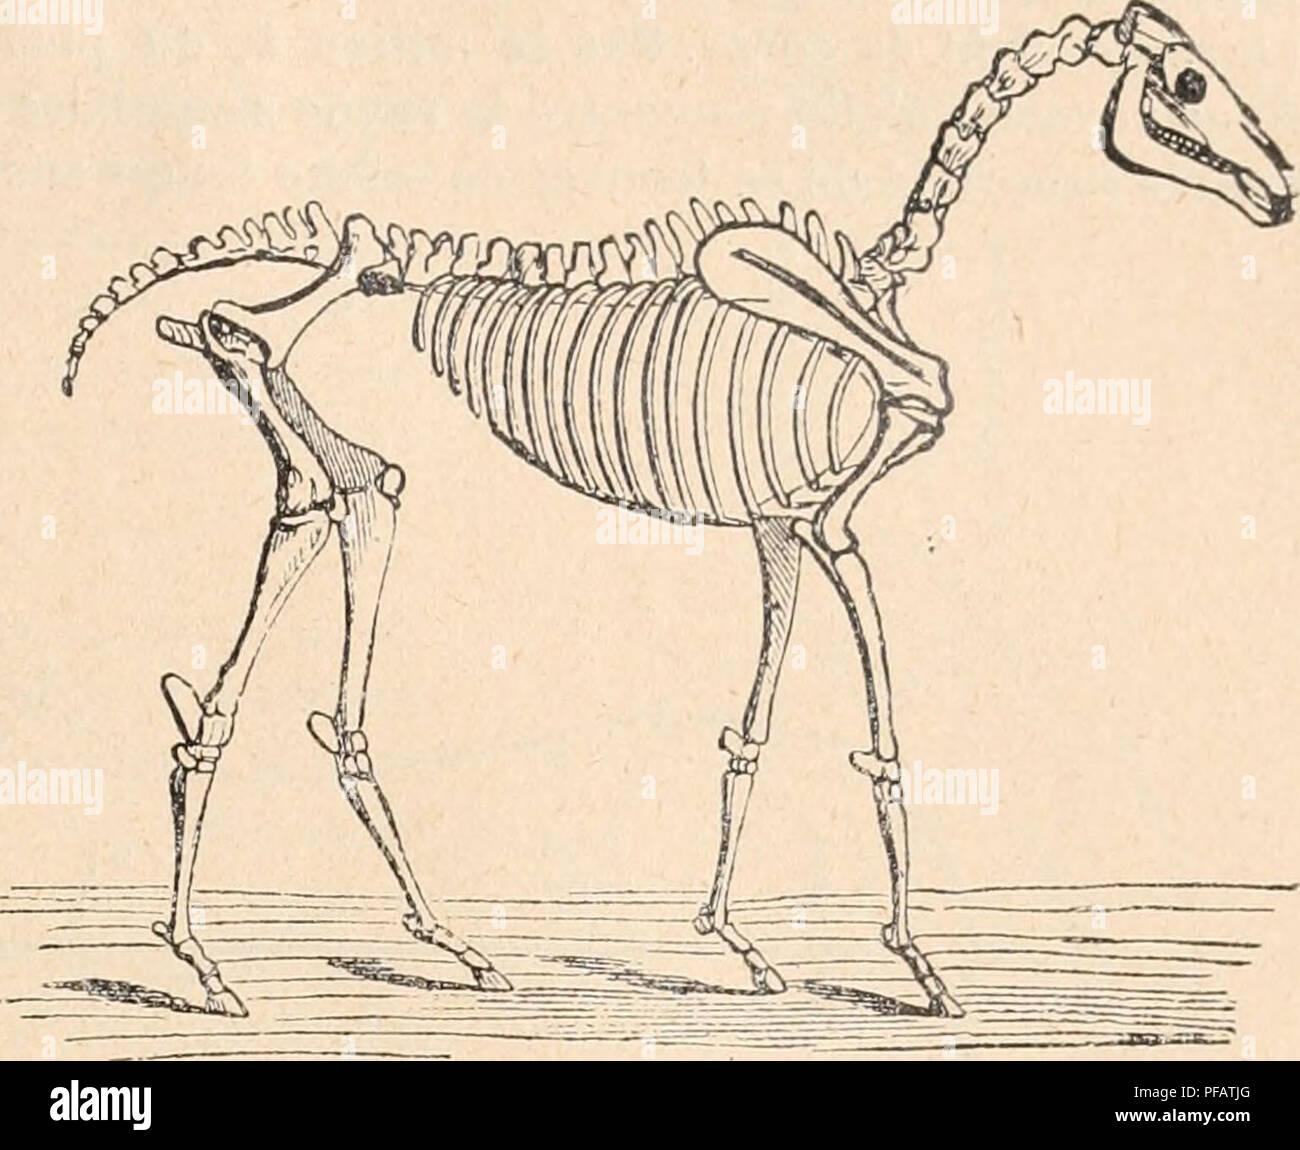 """. Dictionnaire de physiologie. La physiologie. La locomotion. 221. FiG. 68. Squelette du cheval. C'est ce dernier genre de station qui nous permettra d'apprécier les conditions d'équilibre de l'animal sur ses quatre membres. Richard (du Cantal) (i8i7) comparer les quatre membres du cheval à quatre colonnes verticales"""", soumises aux lois des colonnes ordinaires, la verticalité, la direction perpen- diculaire à la surface d'appui vK ainsi que l'a dit Giraud-Teulon^ (1858), les membres antérieurs à bien are provided première vue l'aspect d'une colonne. En réalité, il n'en est pas ainsi, et le sq Photo Stock"""